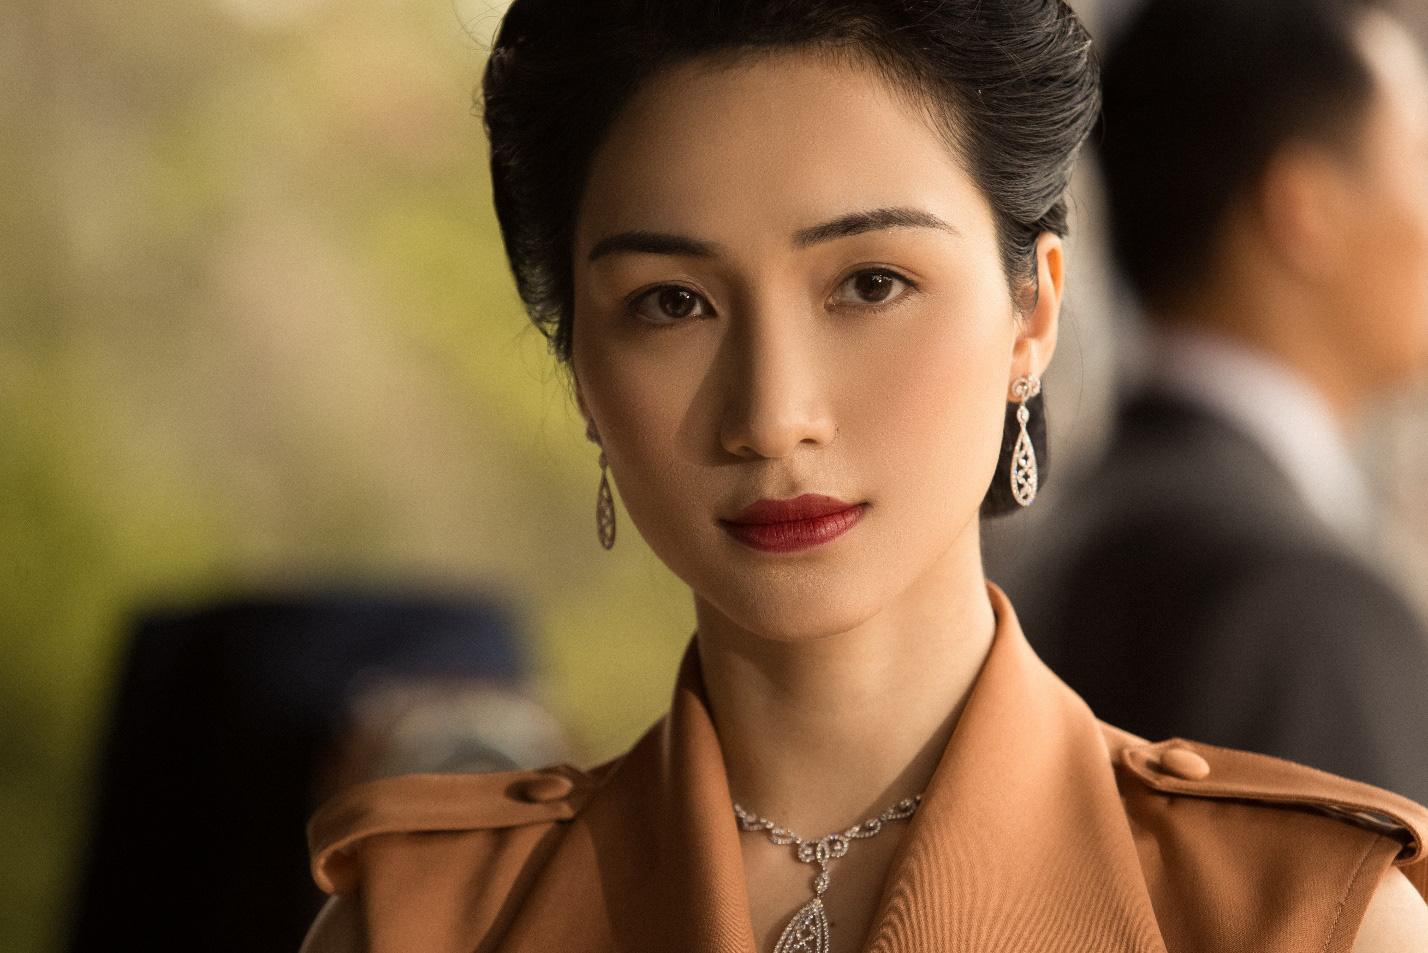 Hòa Minzy cùng PNJ tái hiện hình ảnh Nam Phương Hoàng Hậu trong MV mới - Ảnh 7.